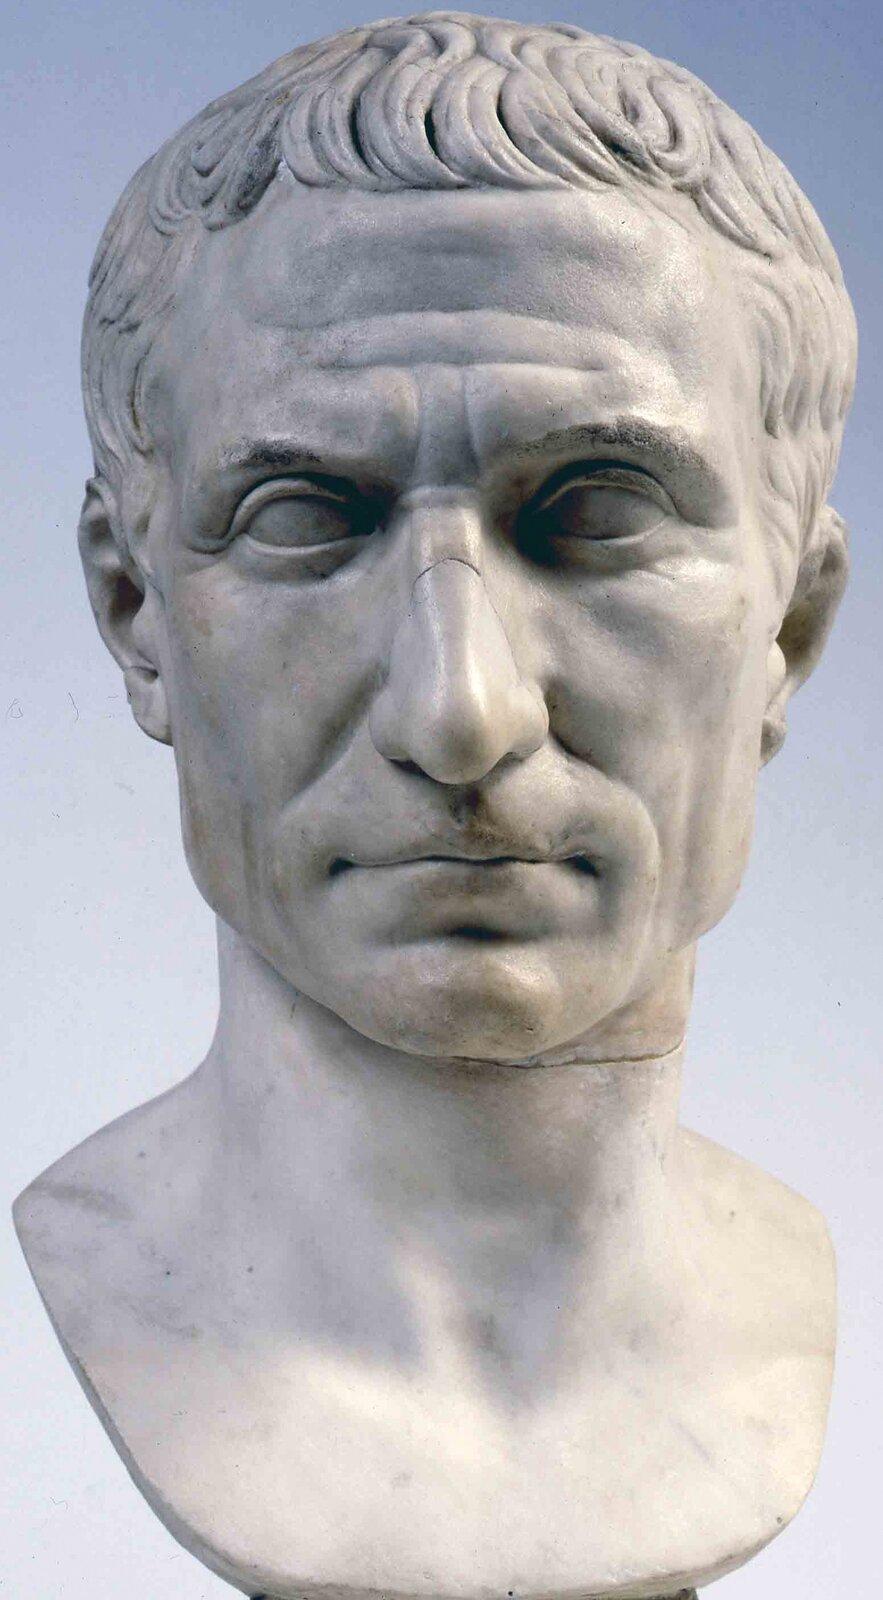 Ilustracja przedstawia marmurowe popiersie Gajusza Juliusza Cezara. Wizerunek jest bardzo realistyczny. Cesarz ukazany jest jako dojrzały mężczyzna. Ma krótkie włosy, dość duży nos, na czole zmarszczki.